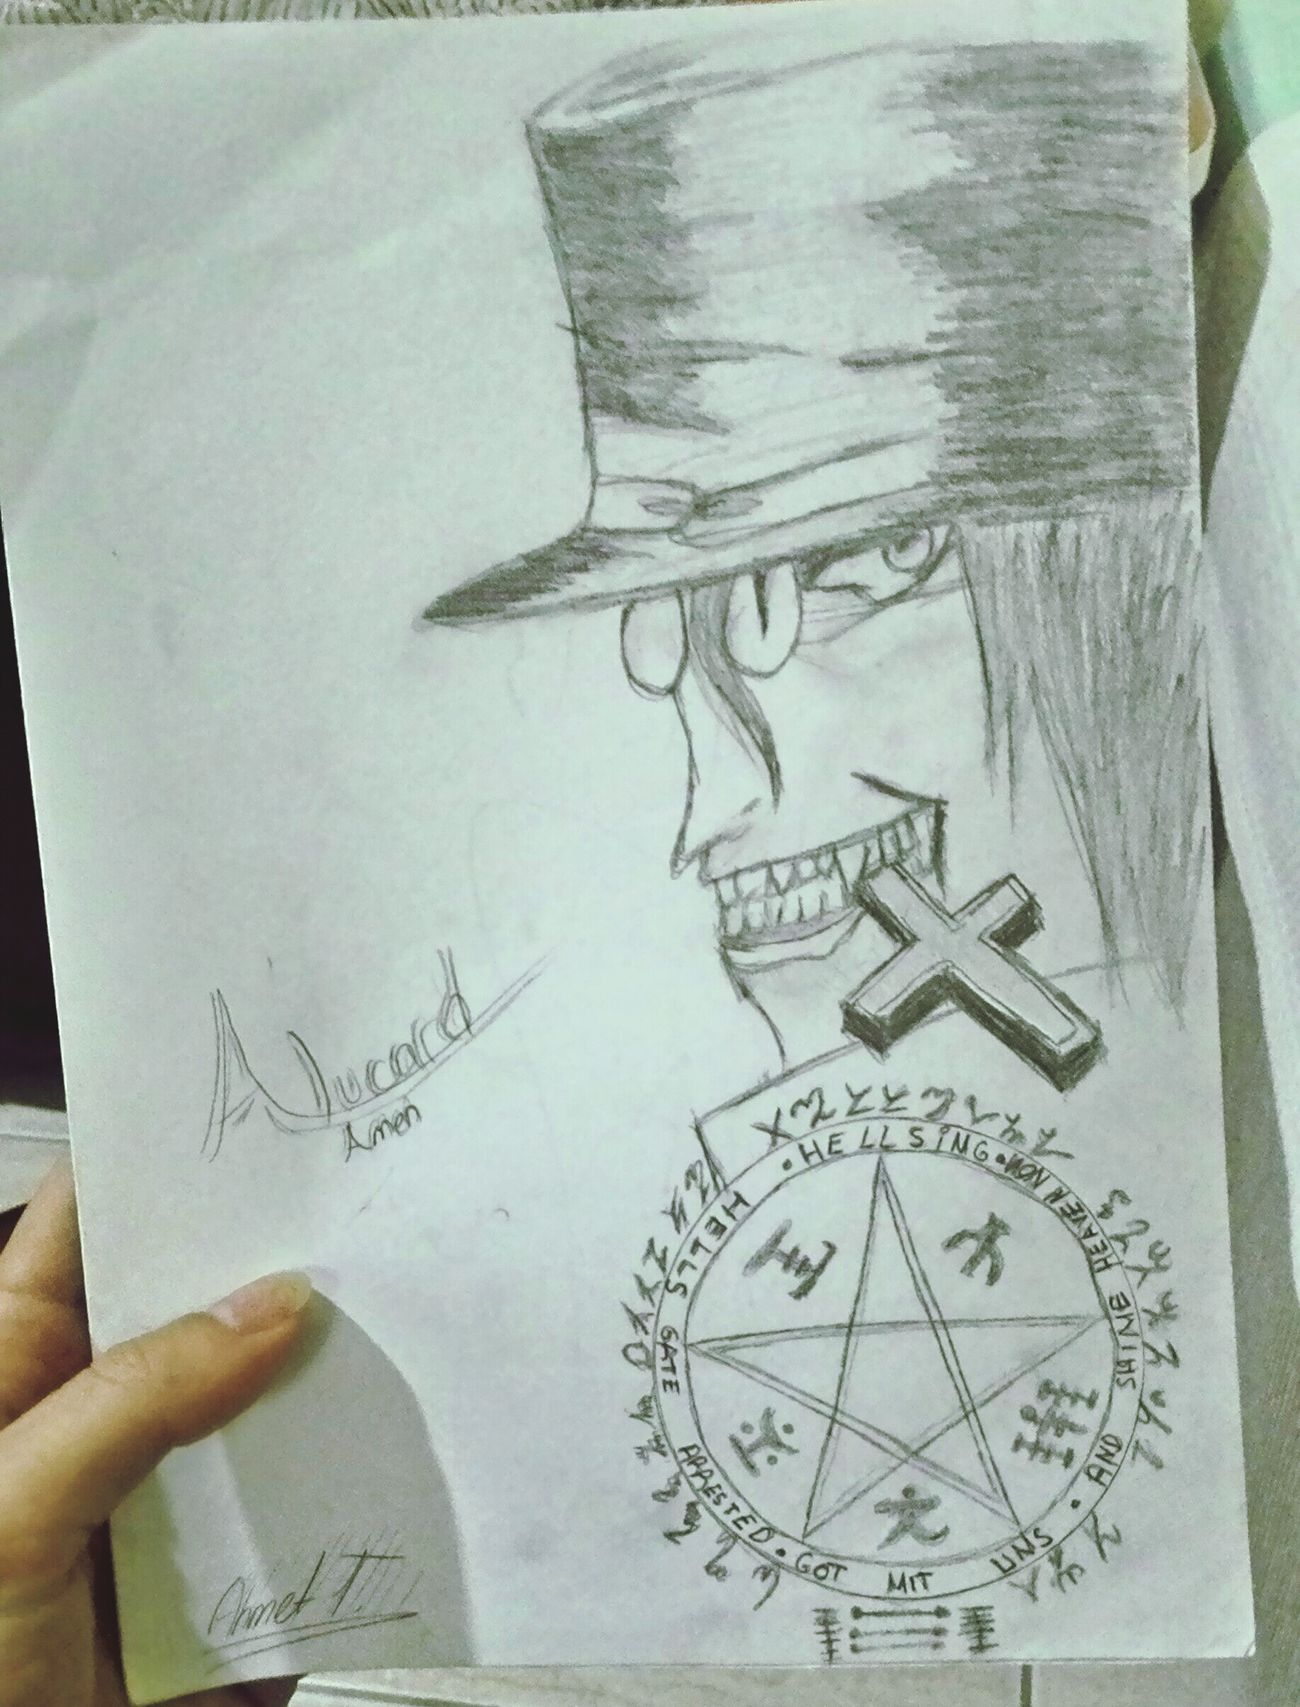 Art, Drawing, Creativity Alucard Amen isa sizi kutsasin orospu cocuklari :D ahaha